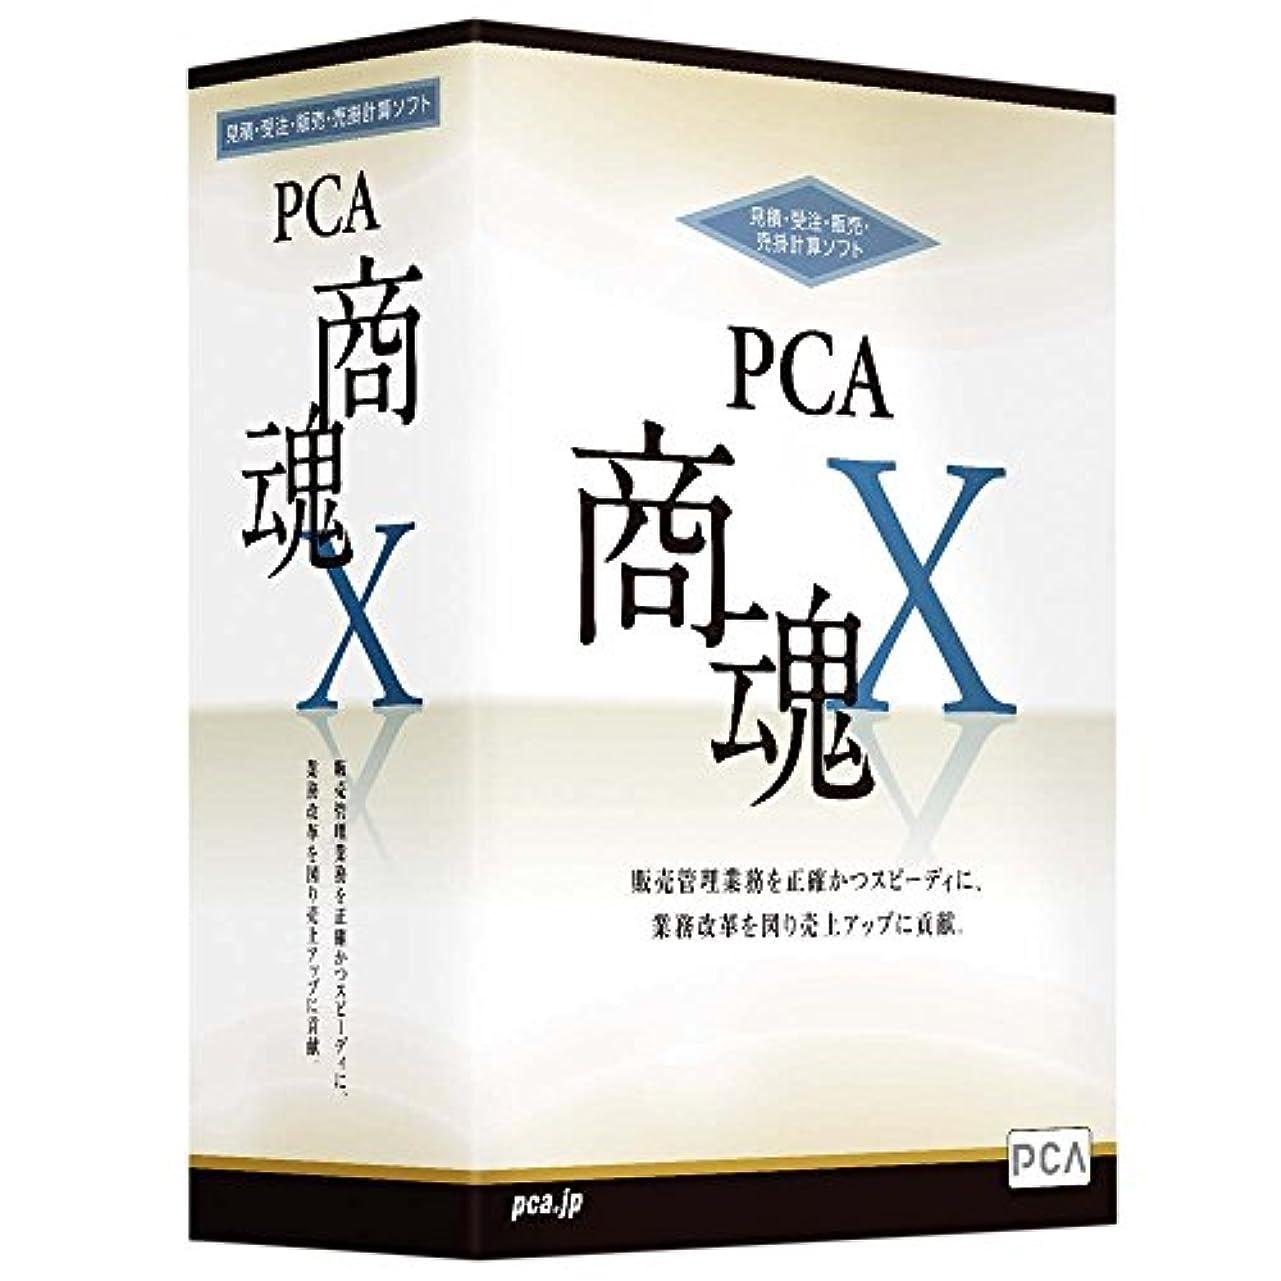 四かどうか手紙を書くPCA商魂X with SQL 2クライアント